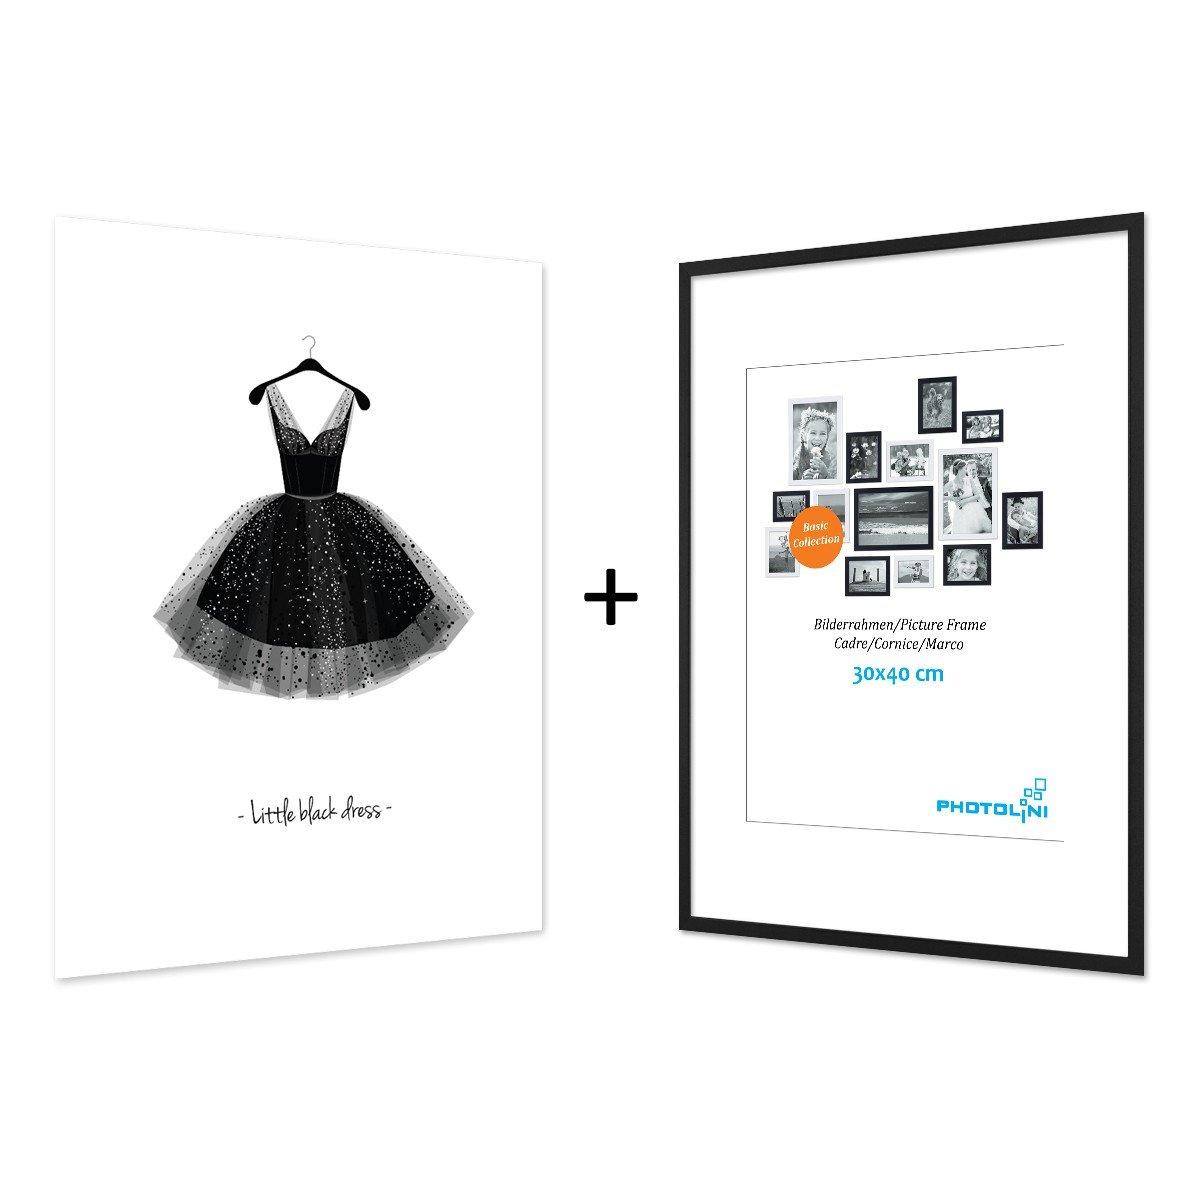 Cornici Disegno Bianco E Nero.Photolini Poster Di Design Ballerina Con Cornice Nera Da